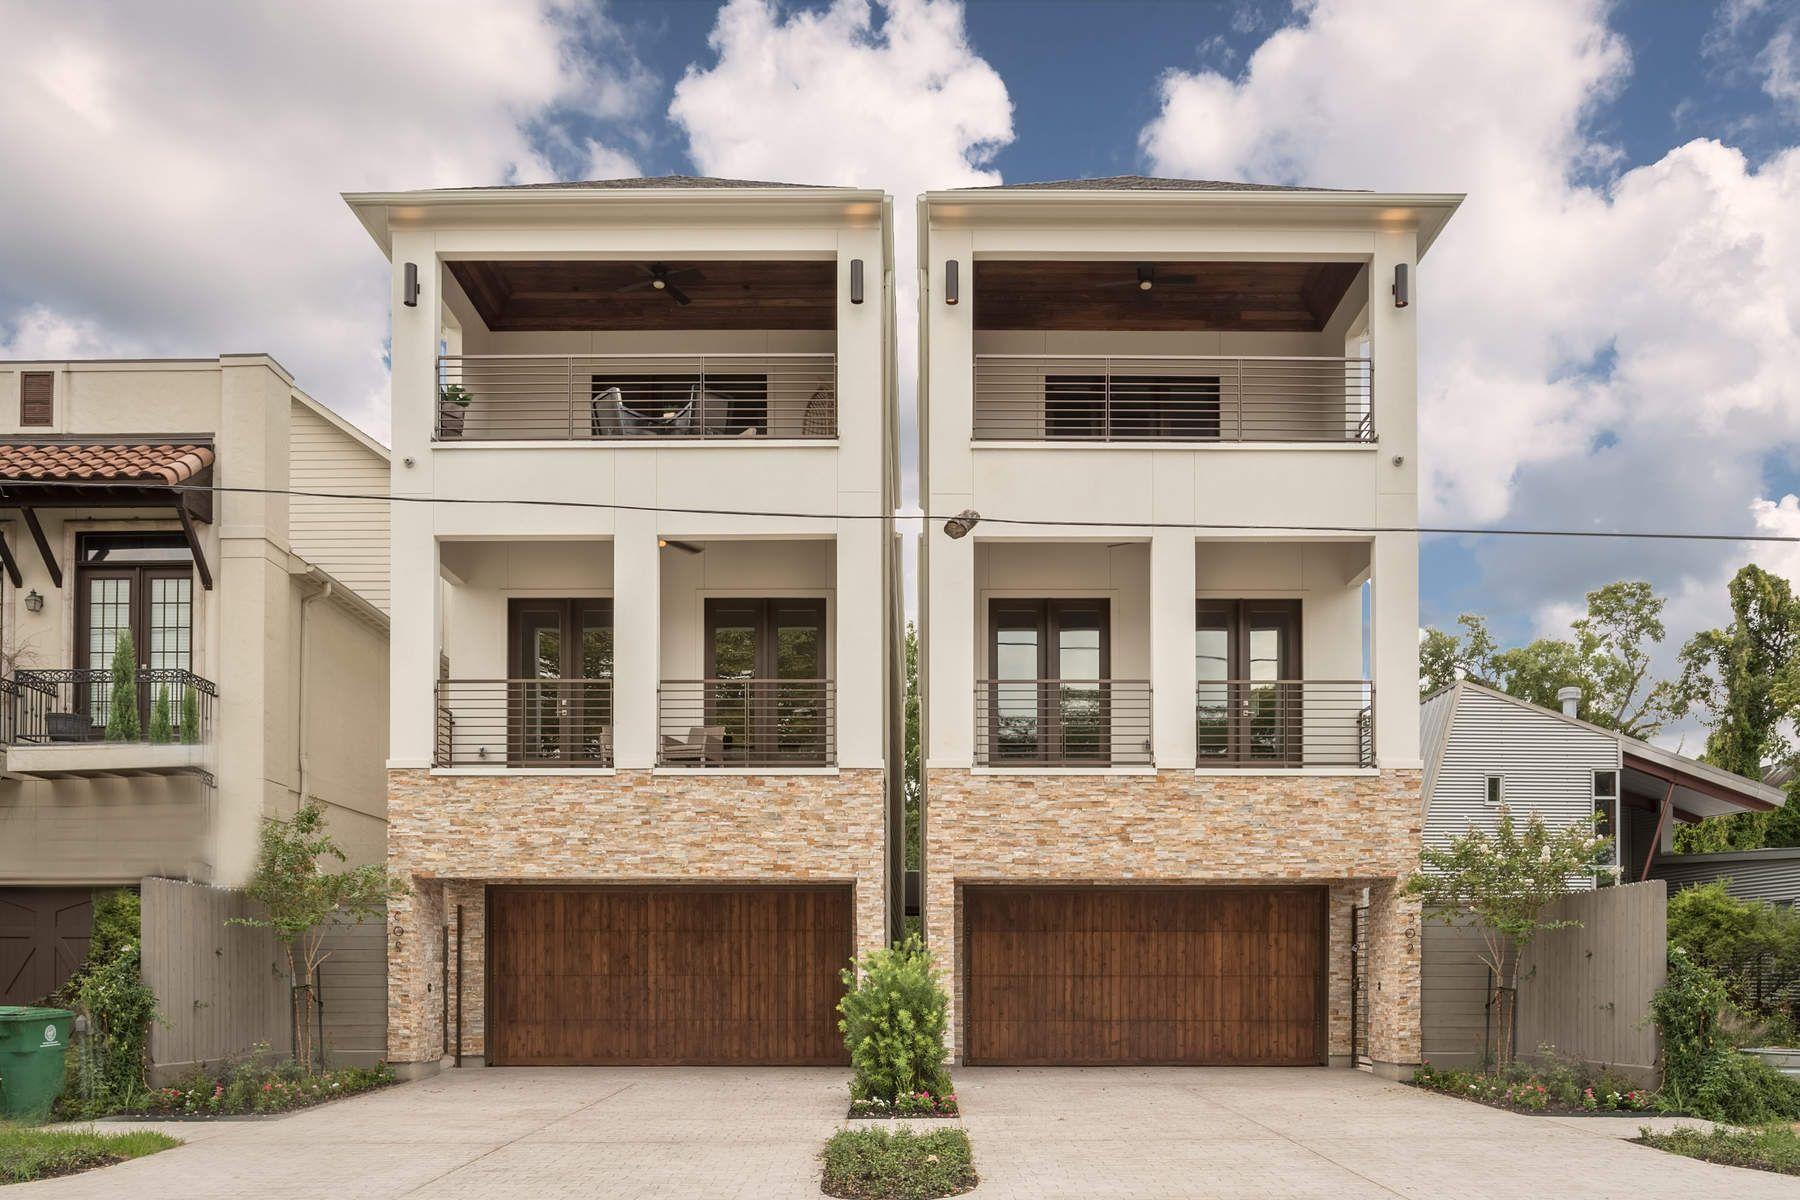 独户住宅 为 销售 在 206 Malone Street 休斯顿, 得克萨斯州, 77007 美国